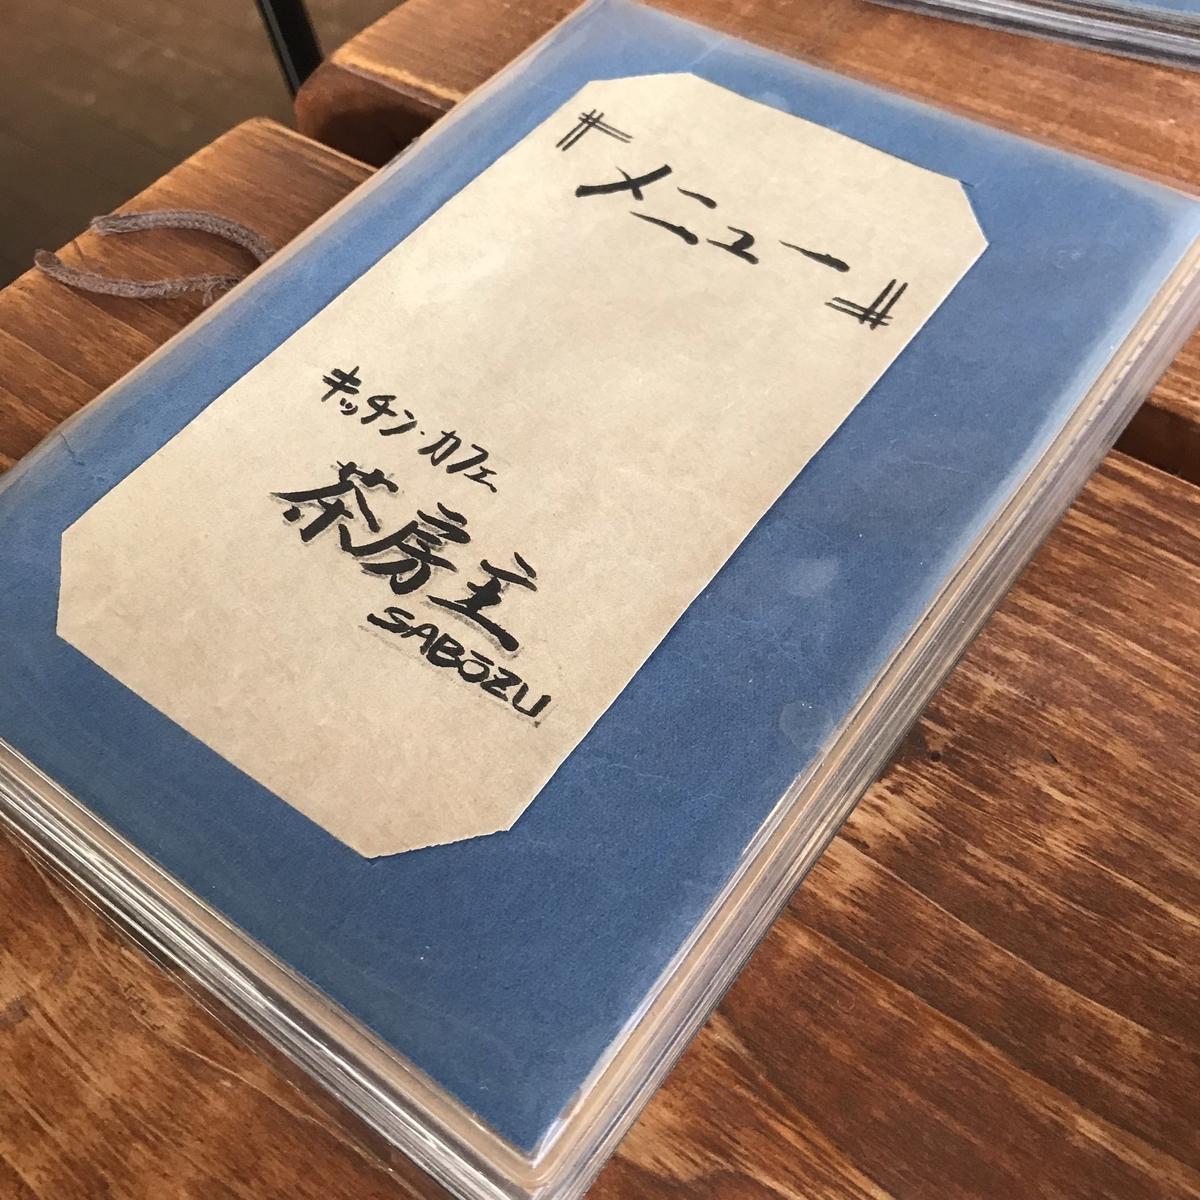 f:id:oryokobo:20190916154502j:plain